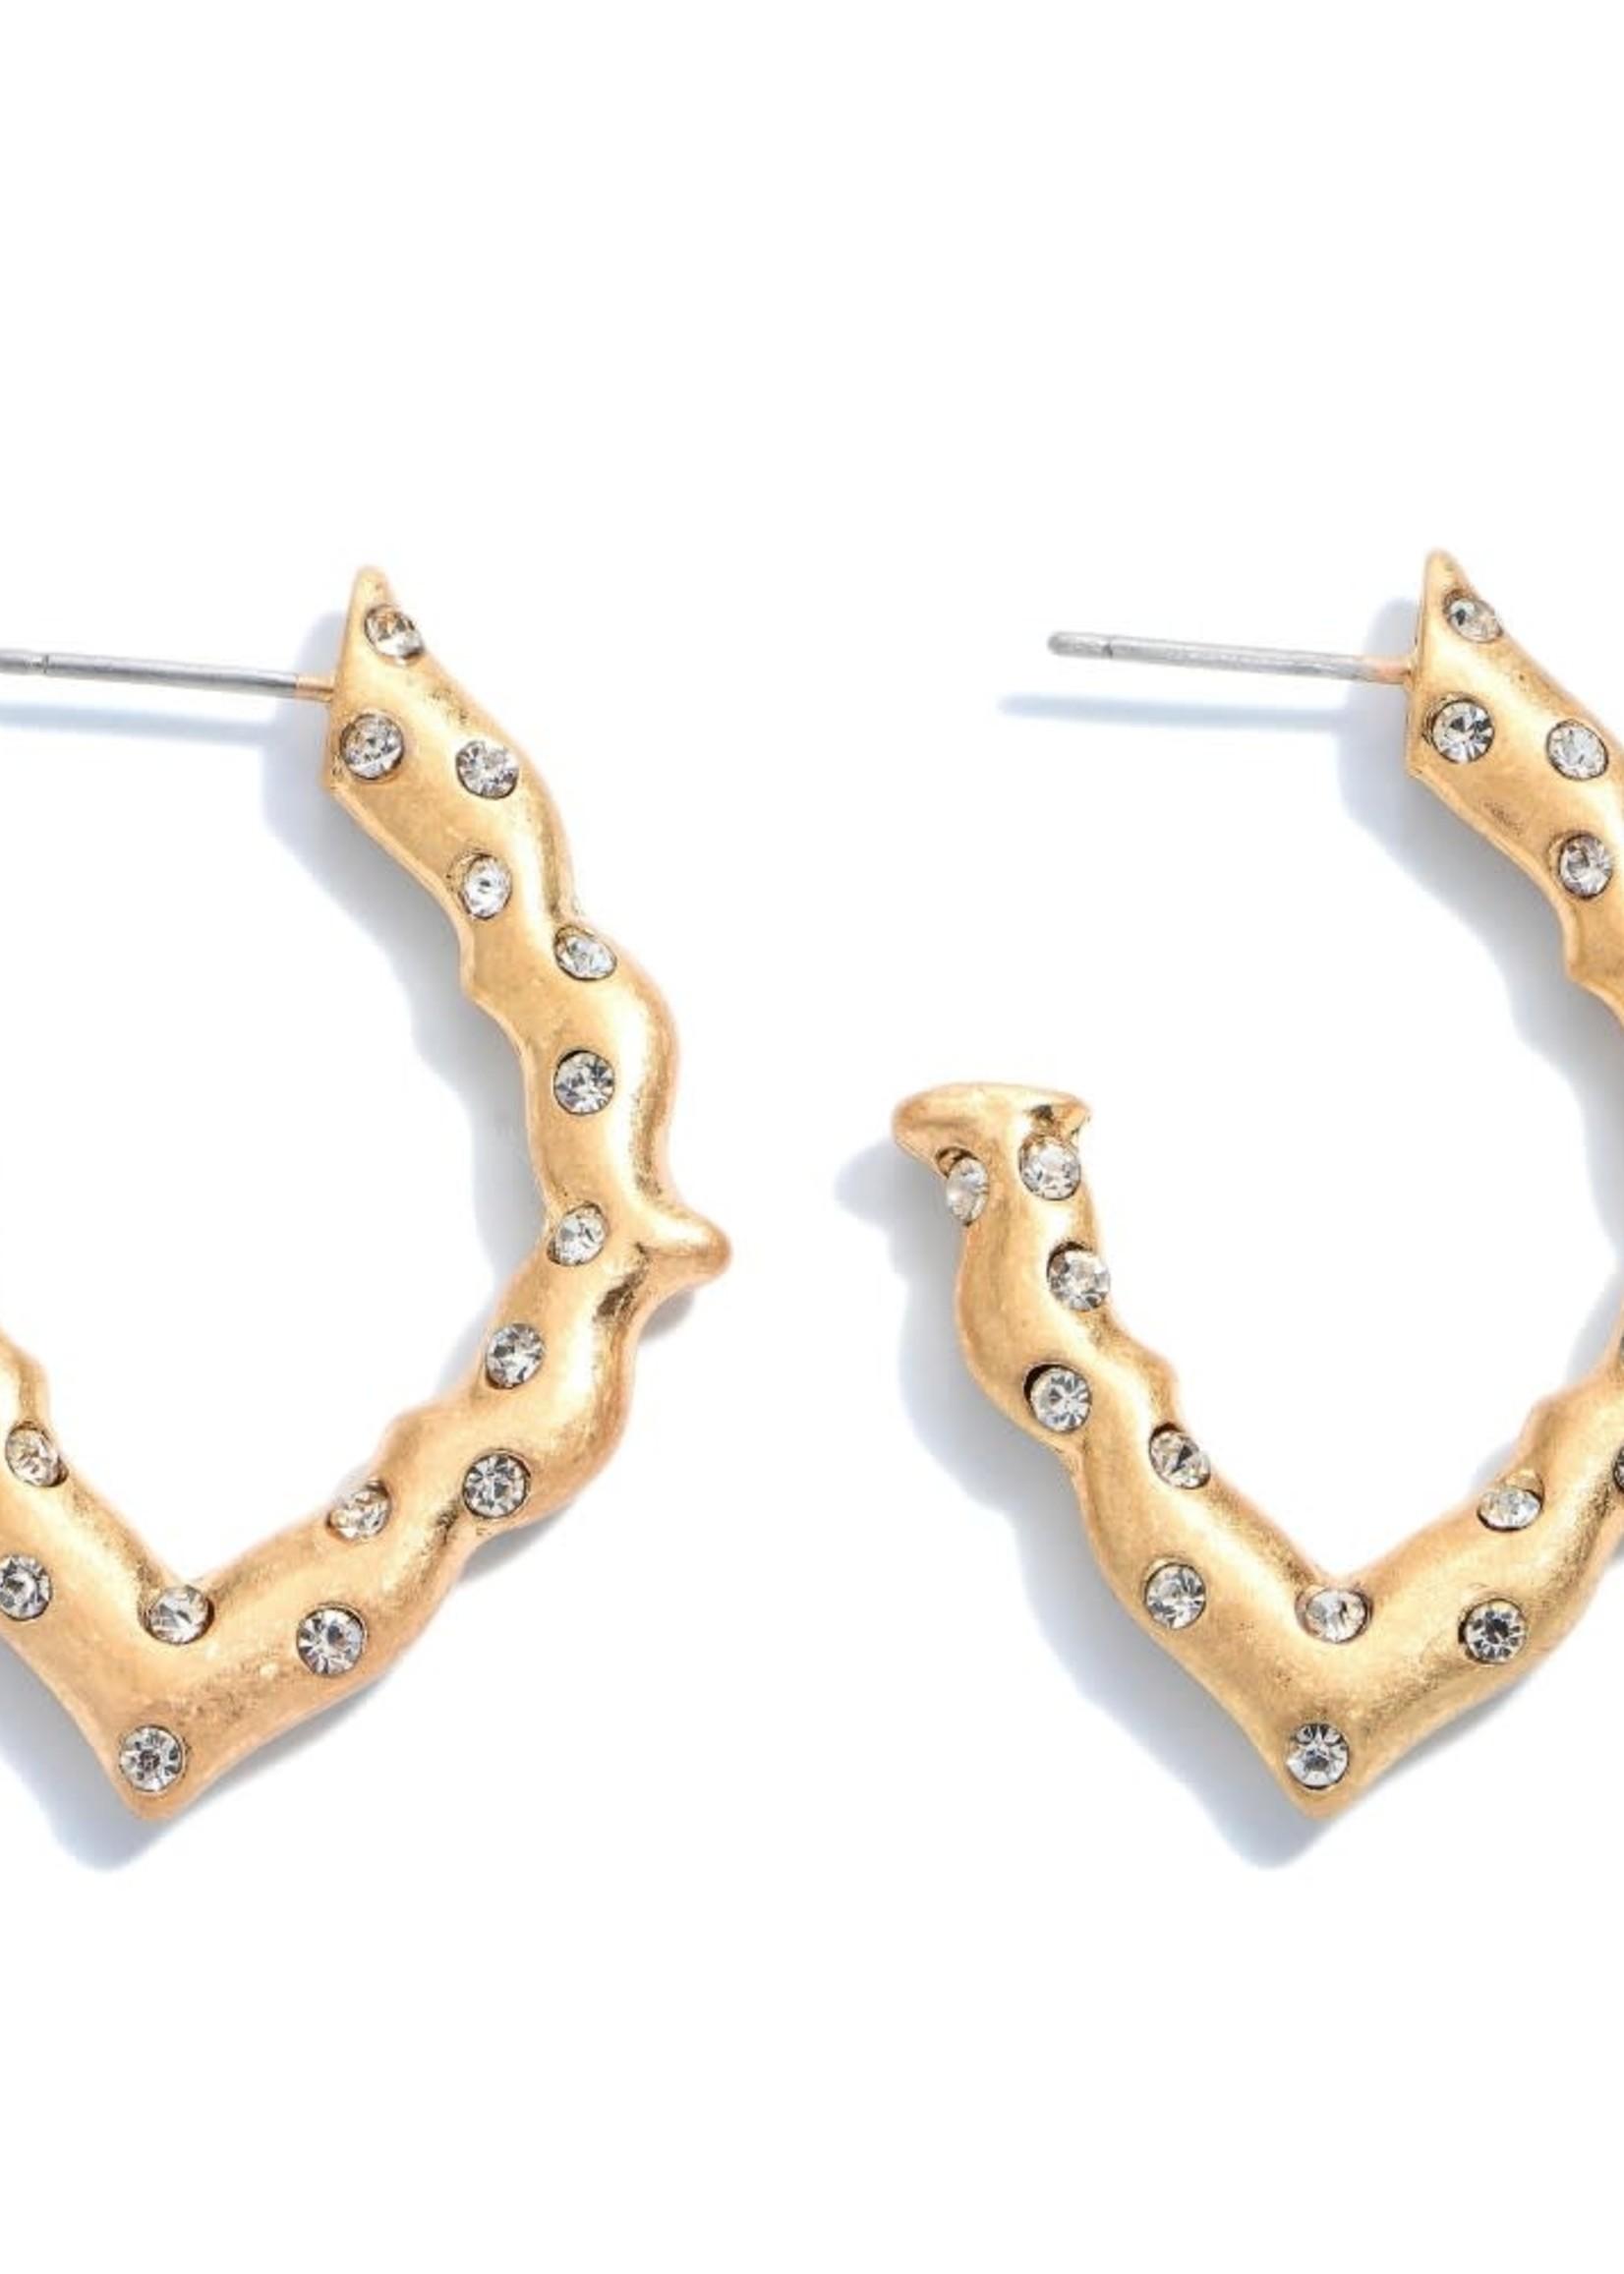 Judson Rhinestone Moroccan Hoop Earrings